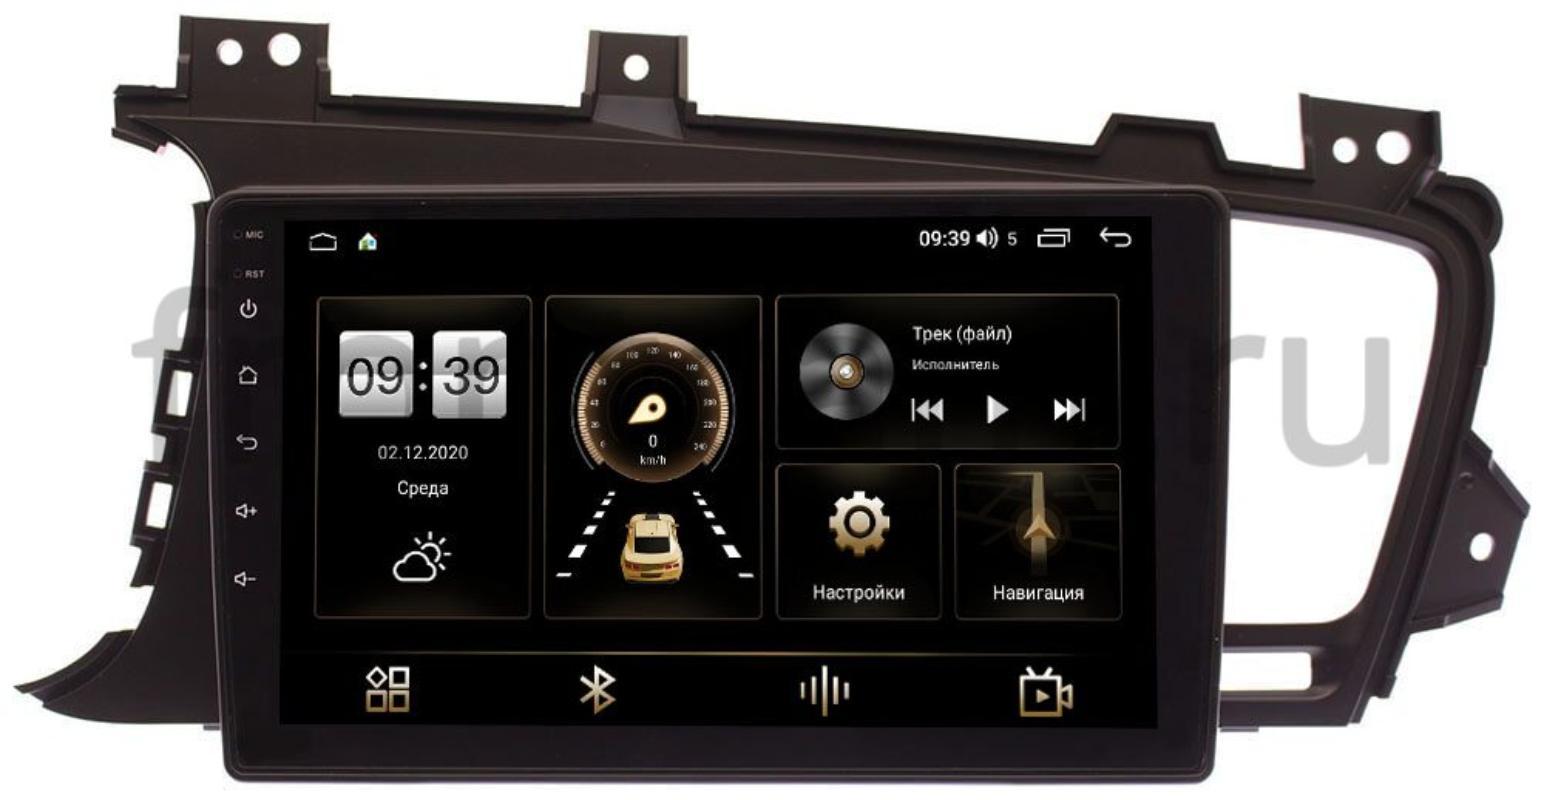 Штатная магнитола LeTrun 4166-9016 для Kia Optima III 2010-2013 на Android 10 (4G-SIM, 3/32, DSP, QLed) для авто с камерой (+ Камера заднего вида в подарок!)